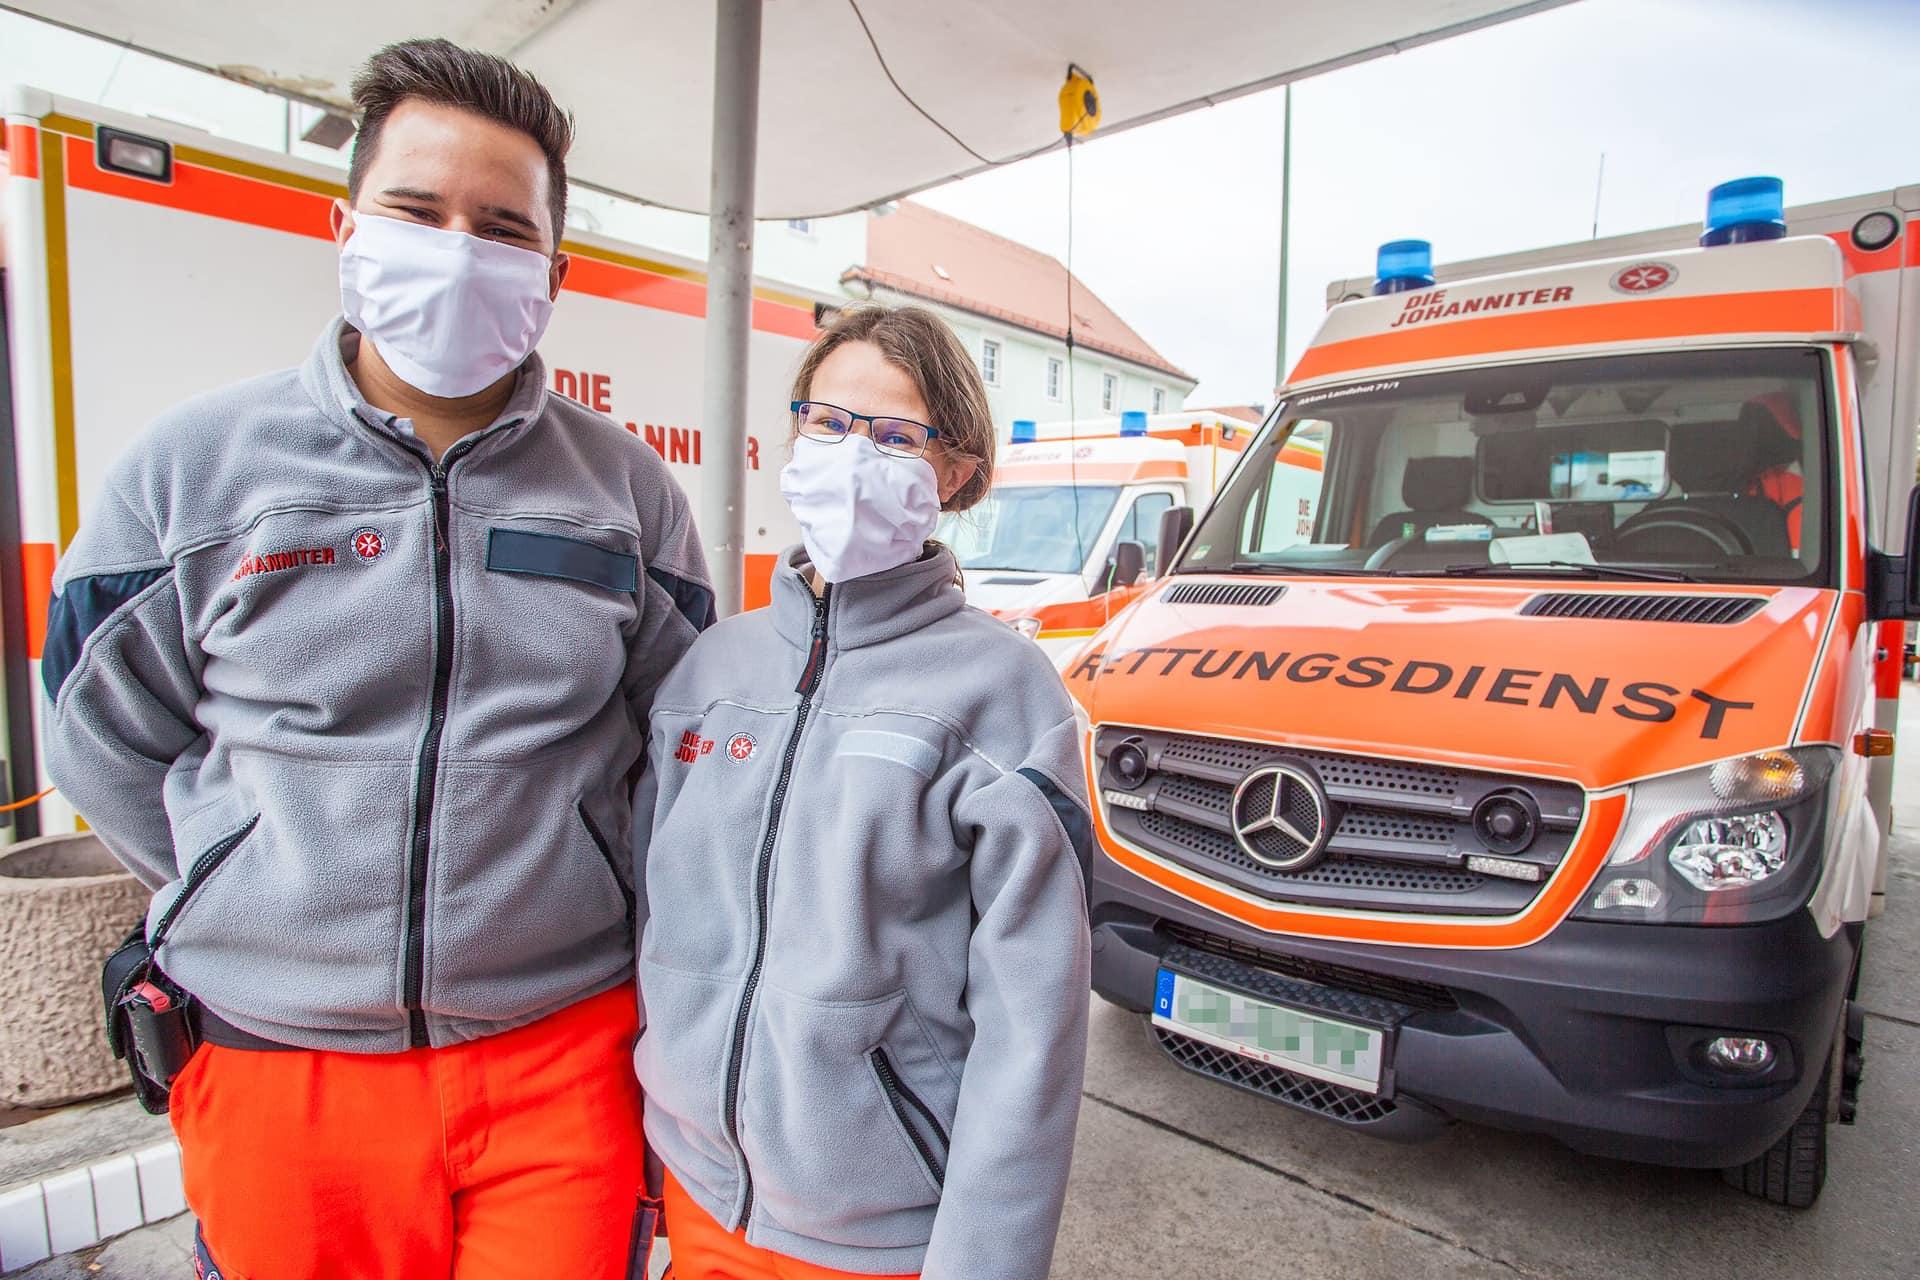 Johanniter in Ostbayern erhalten erneut TÜV-Siegel Hilfsorganisation zeichnet sich durch Professionalität und Menschlichkeit aus